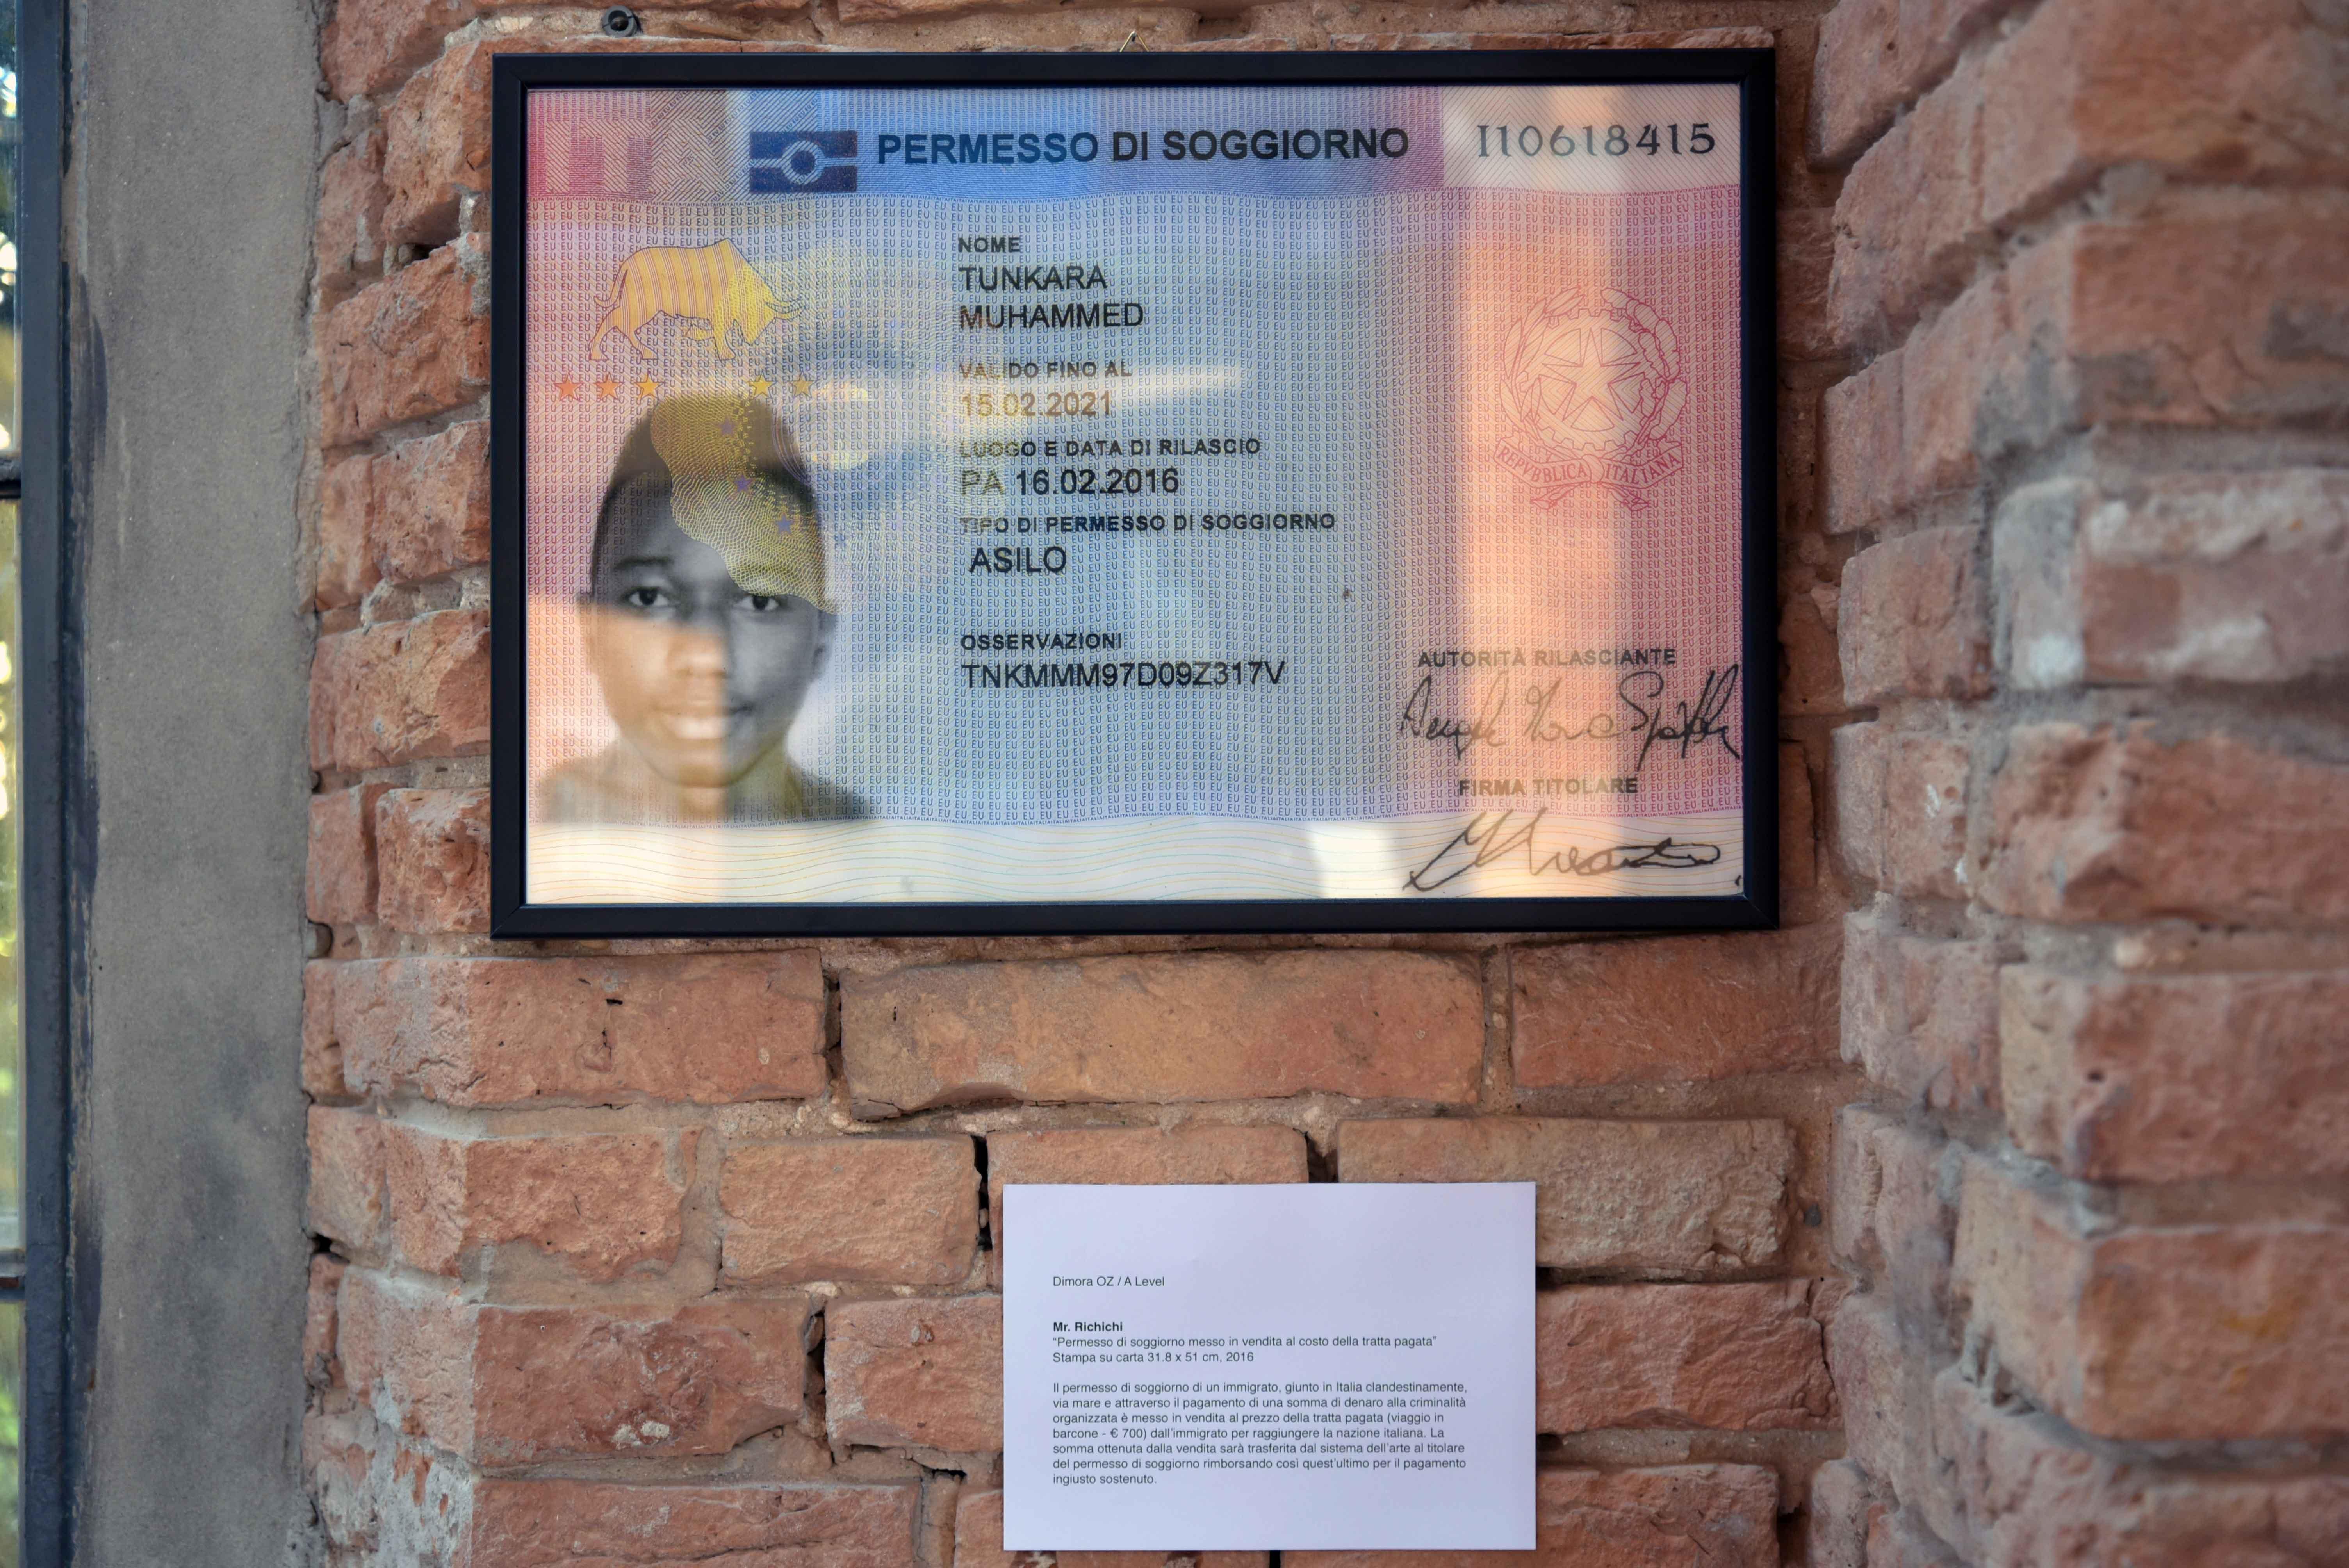 Awesome carta di soggiorno per motivi familiari photos for Permesso di soggiorno schengen